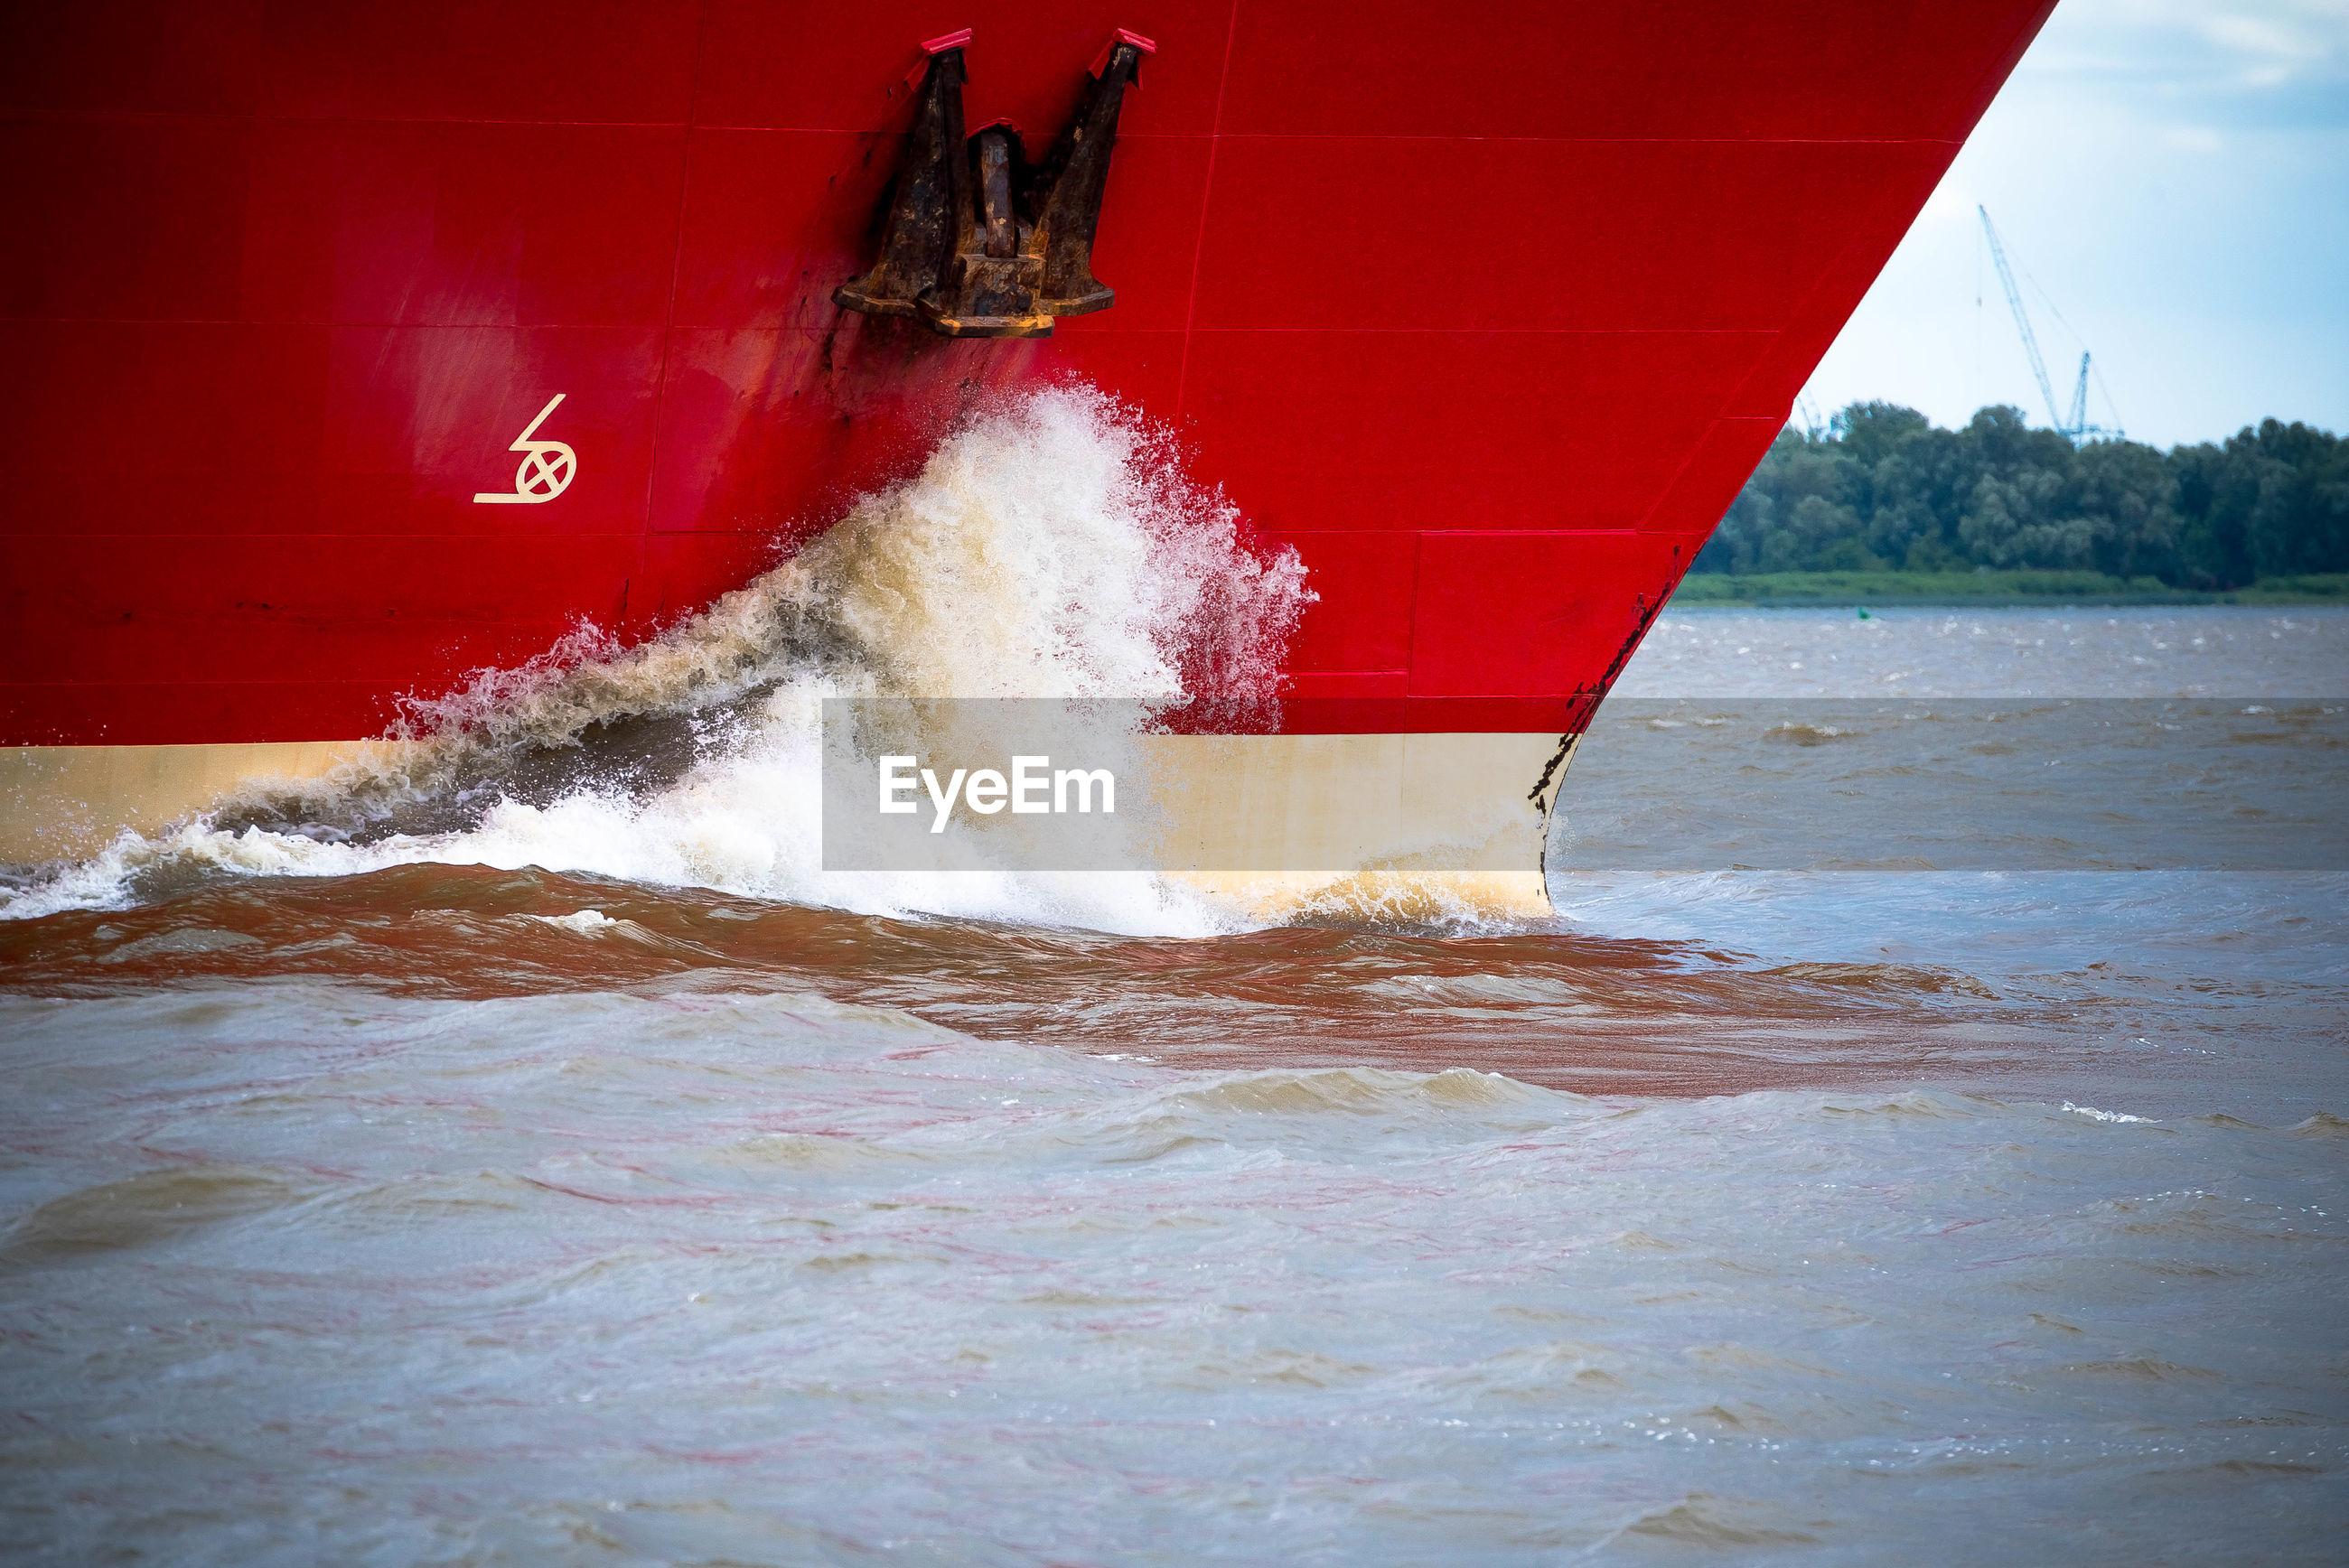 Water splashing on boat in sea